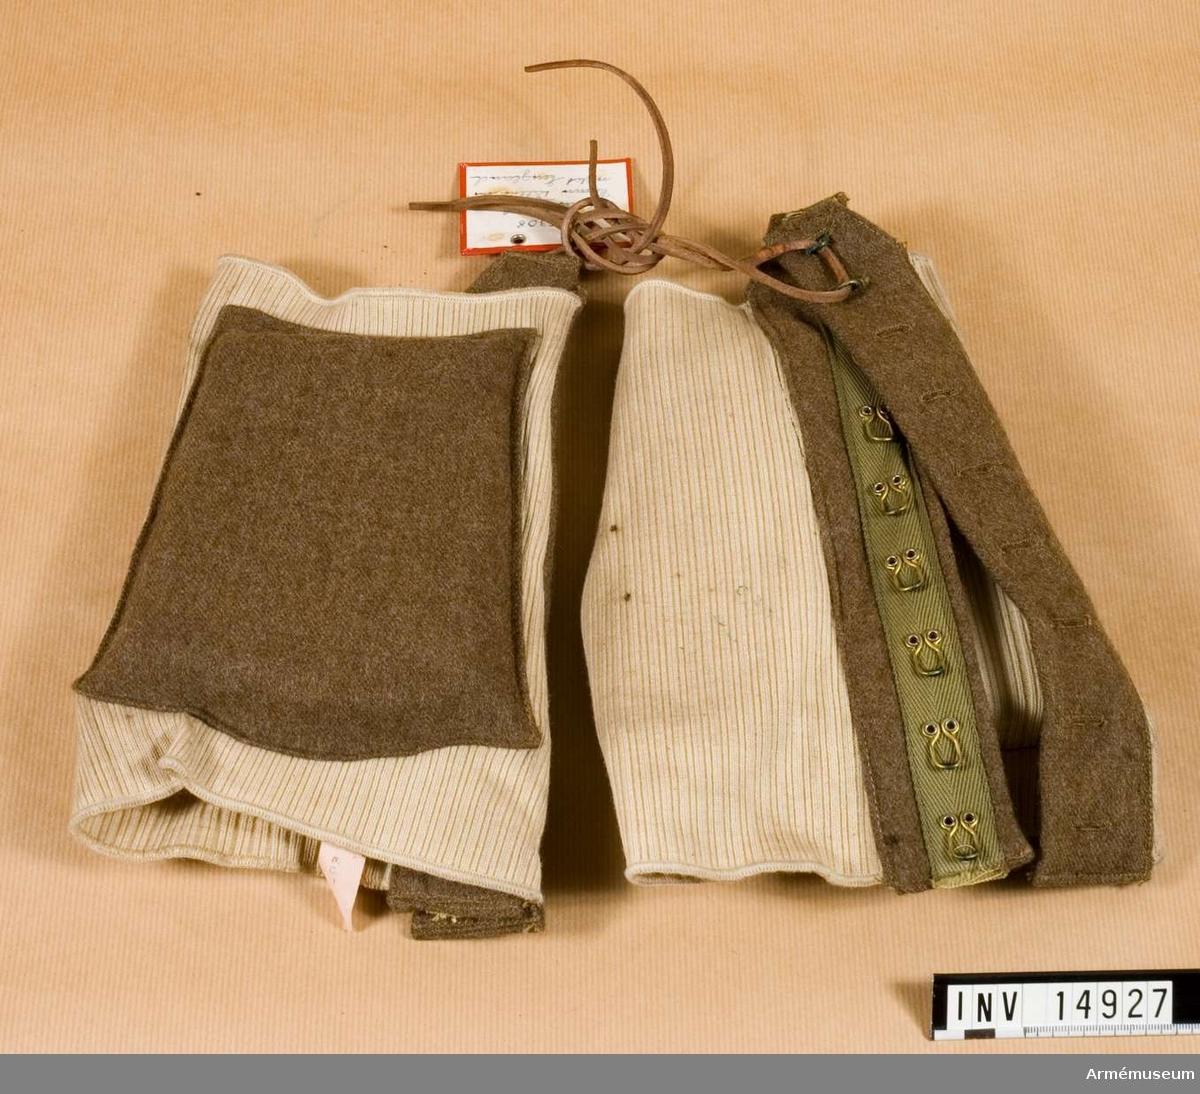 """Grupp C I Av starkt bomullstyg. Remsa av khakityg med mässingshyskor och knapphål som stänges med lädersnören. På skyddens yttre sidor finns fyrkantiga dynor, som på ena sidan är klädda med kläde och på den andra med bomullstyg. Etikett av bomullstyg med påskrift """"Everlastic Size 2 1945"""" med uppåtgående pil mellan c och S. Används vid hopp från flygmaskin."""